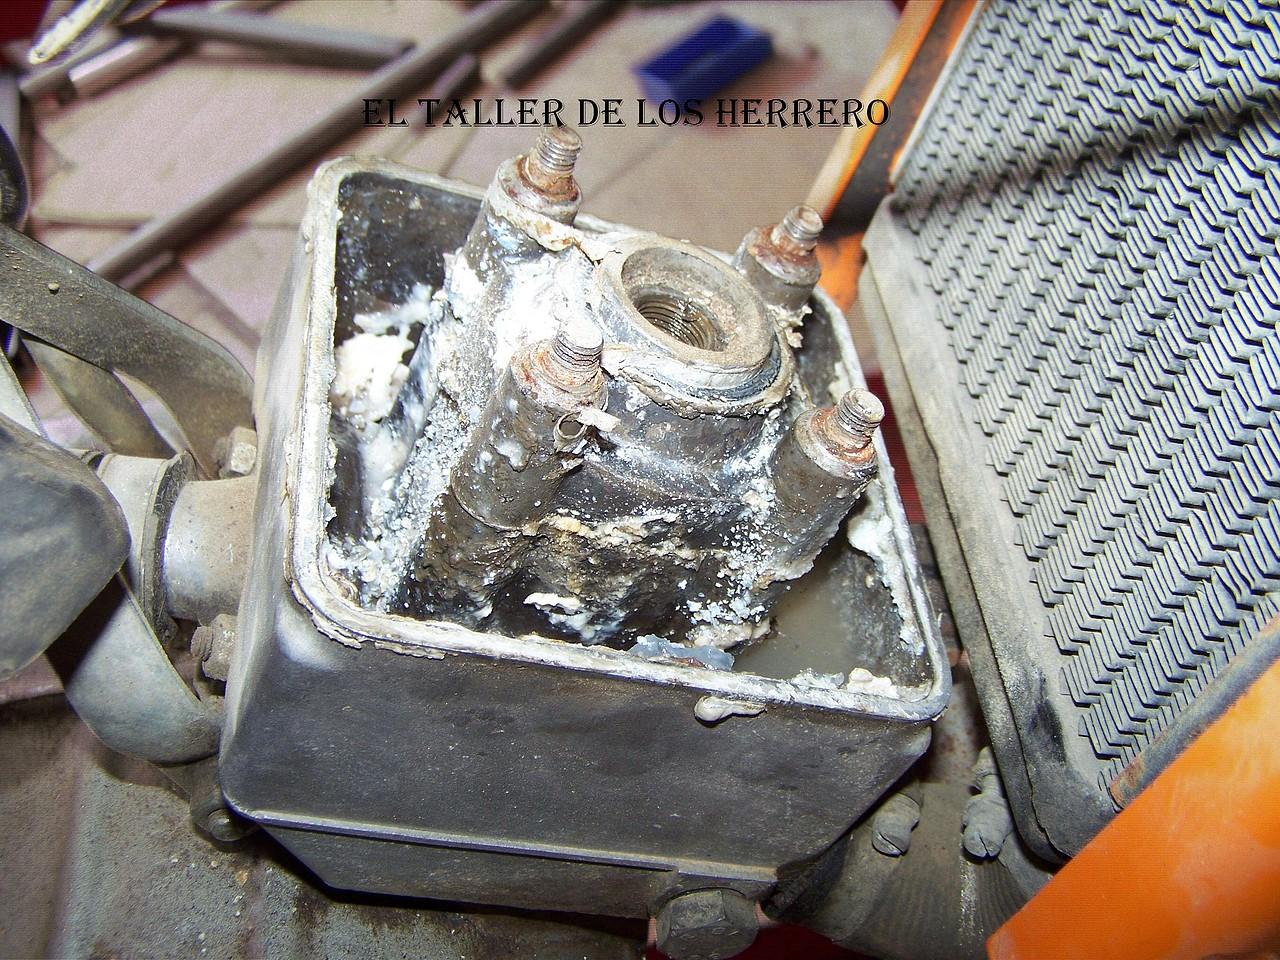 Zündapp KS 50 WC 1973 27520476CC2A51F426E12B51F42475